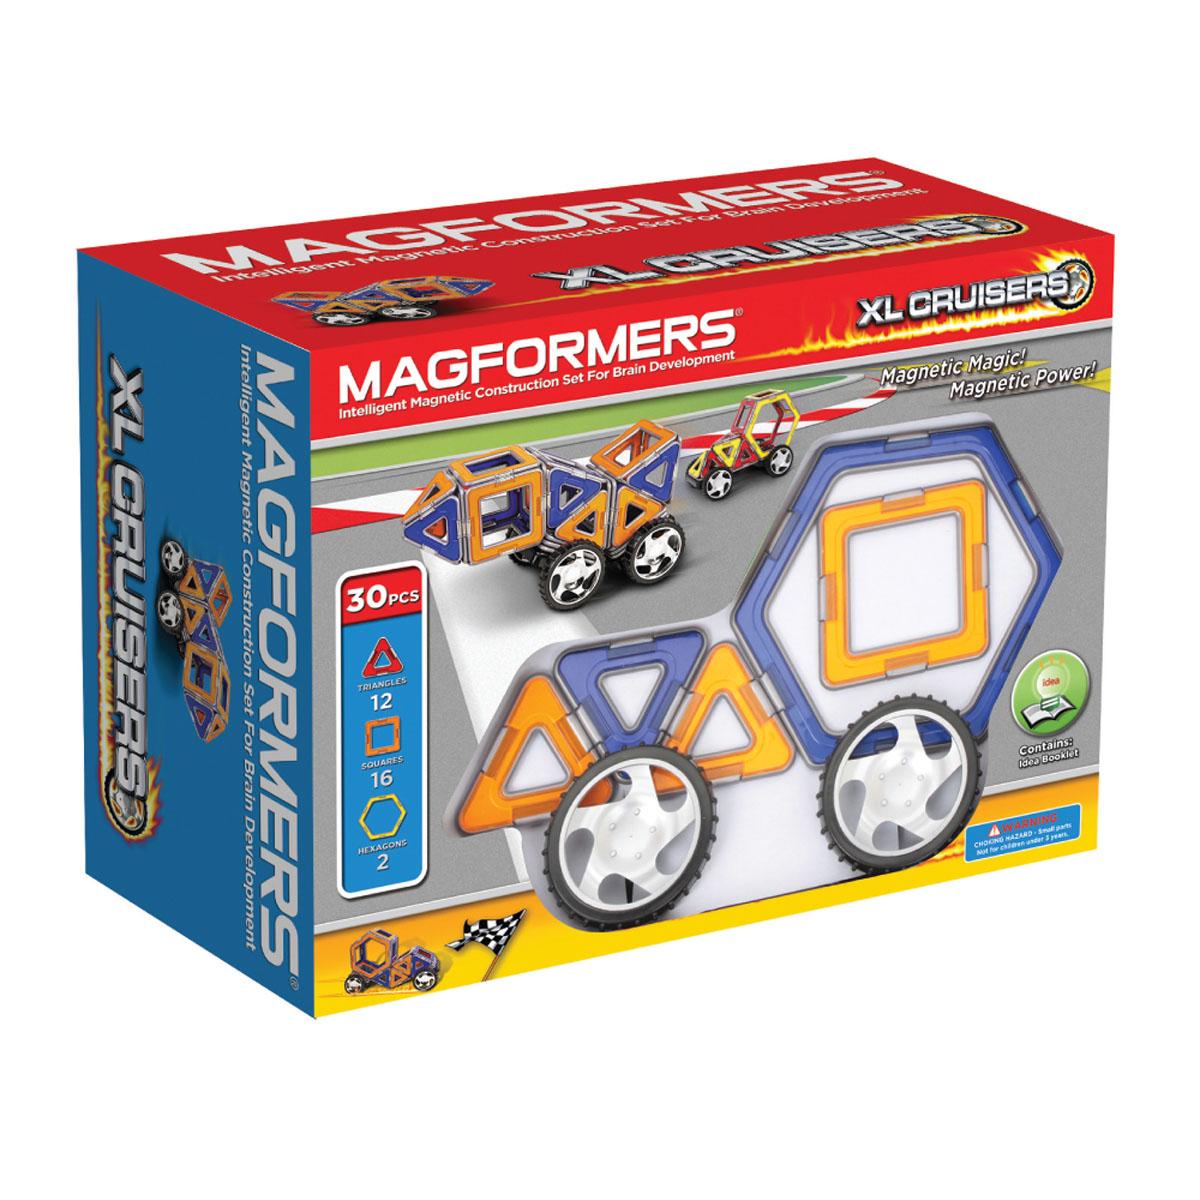 Magformers Магнитный конструктор 63073 Xl cruisers машины цвет синий оранжевый63073Отличный набор, идеально подходит для детей от 2-х лет, увлекающихся моделированием машин. Он позволяет собирать около 18 моделей машин, непосредственно представленных на коробке и в книге идей. Вы сможете создать как самые простые машины, так и действительно креативные и необычные. Самое удивительное, что все созданные вами машины будут ездить!